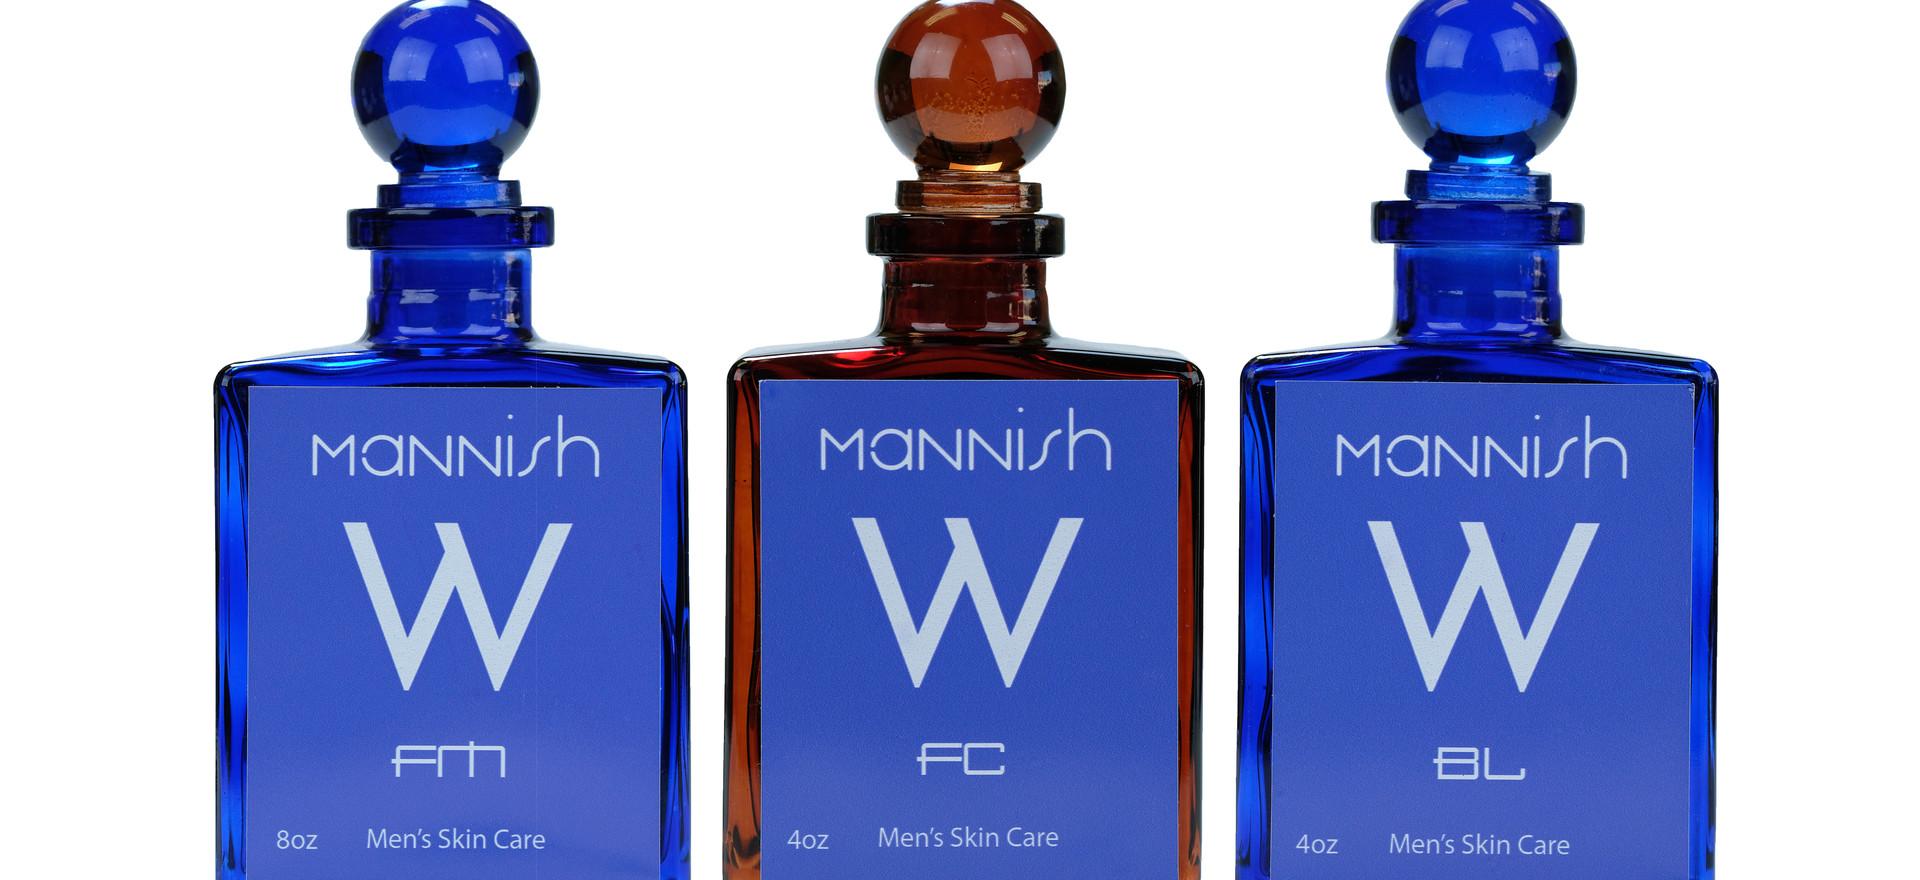 Mannish Trio